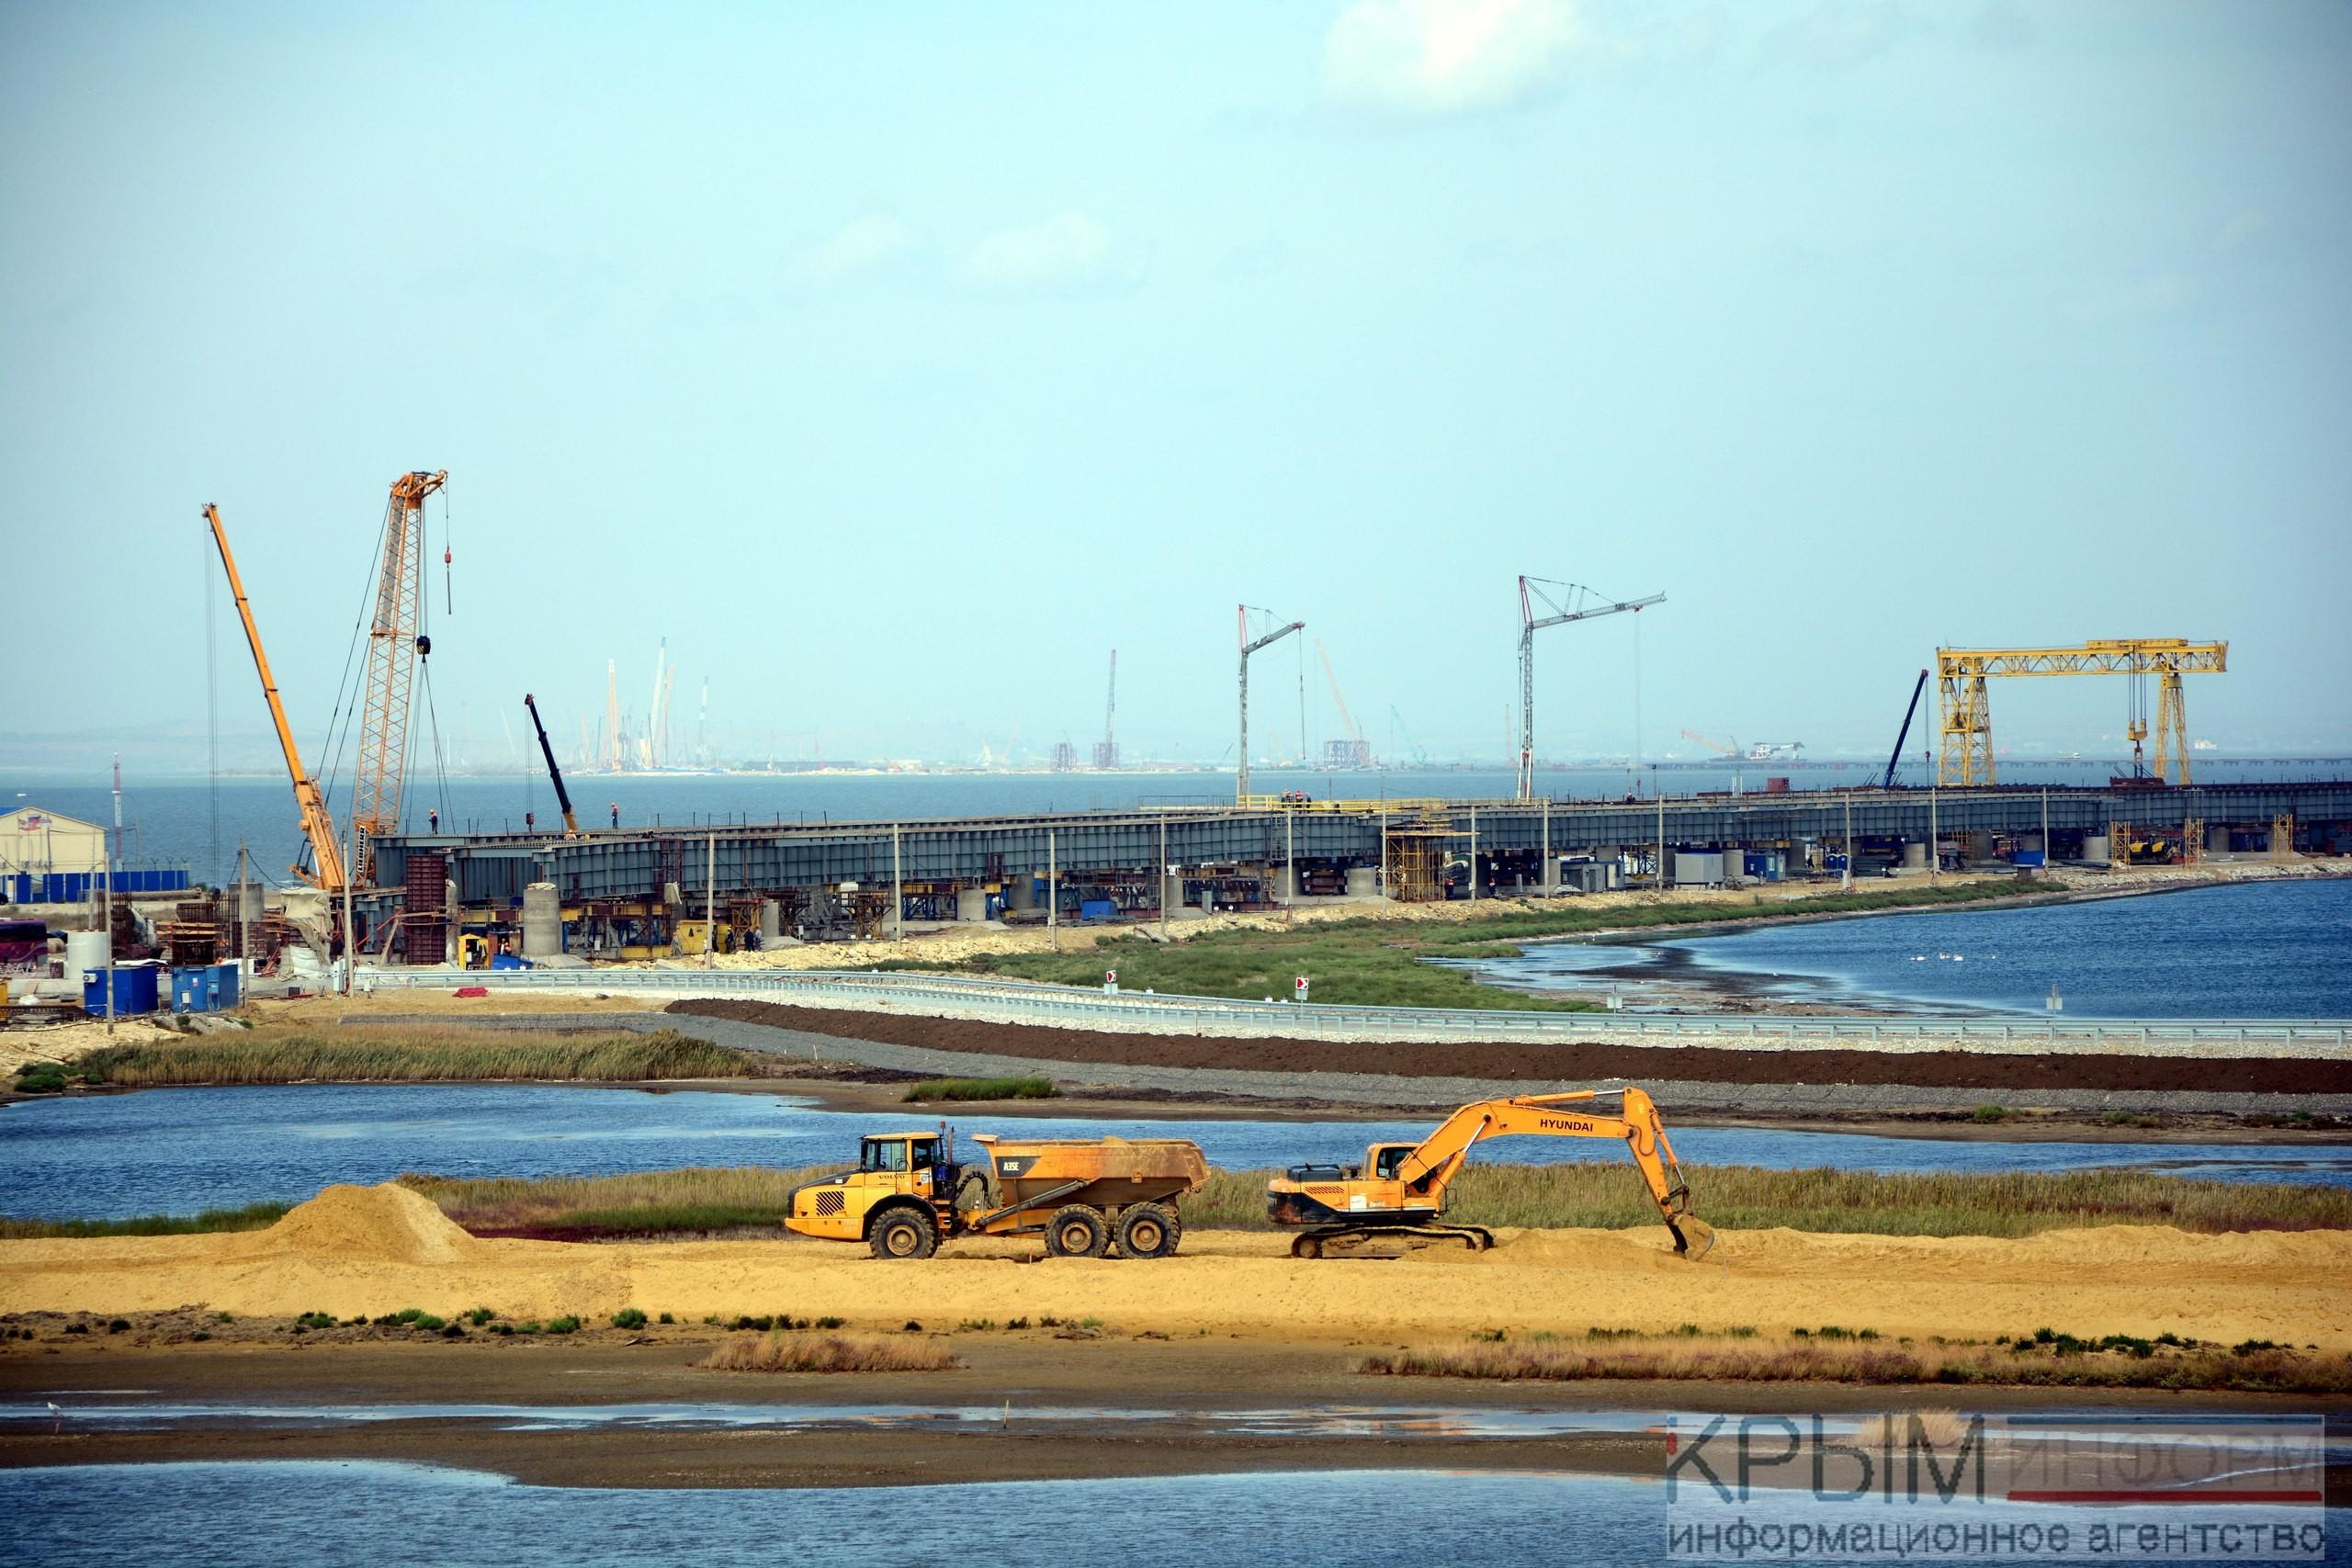 Настроительство железной дороги кКерченскому мосту неподано заявок